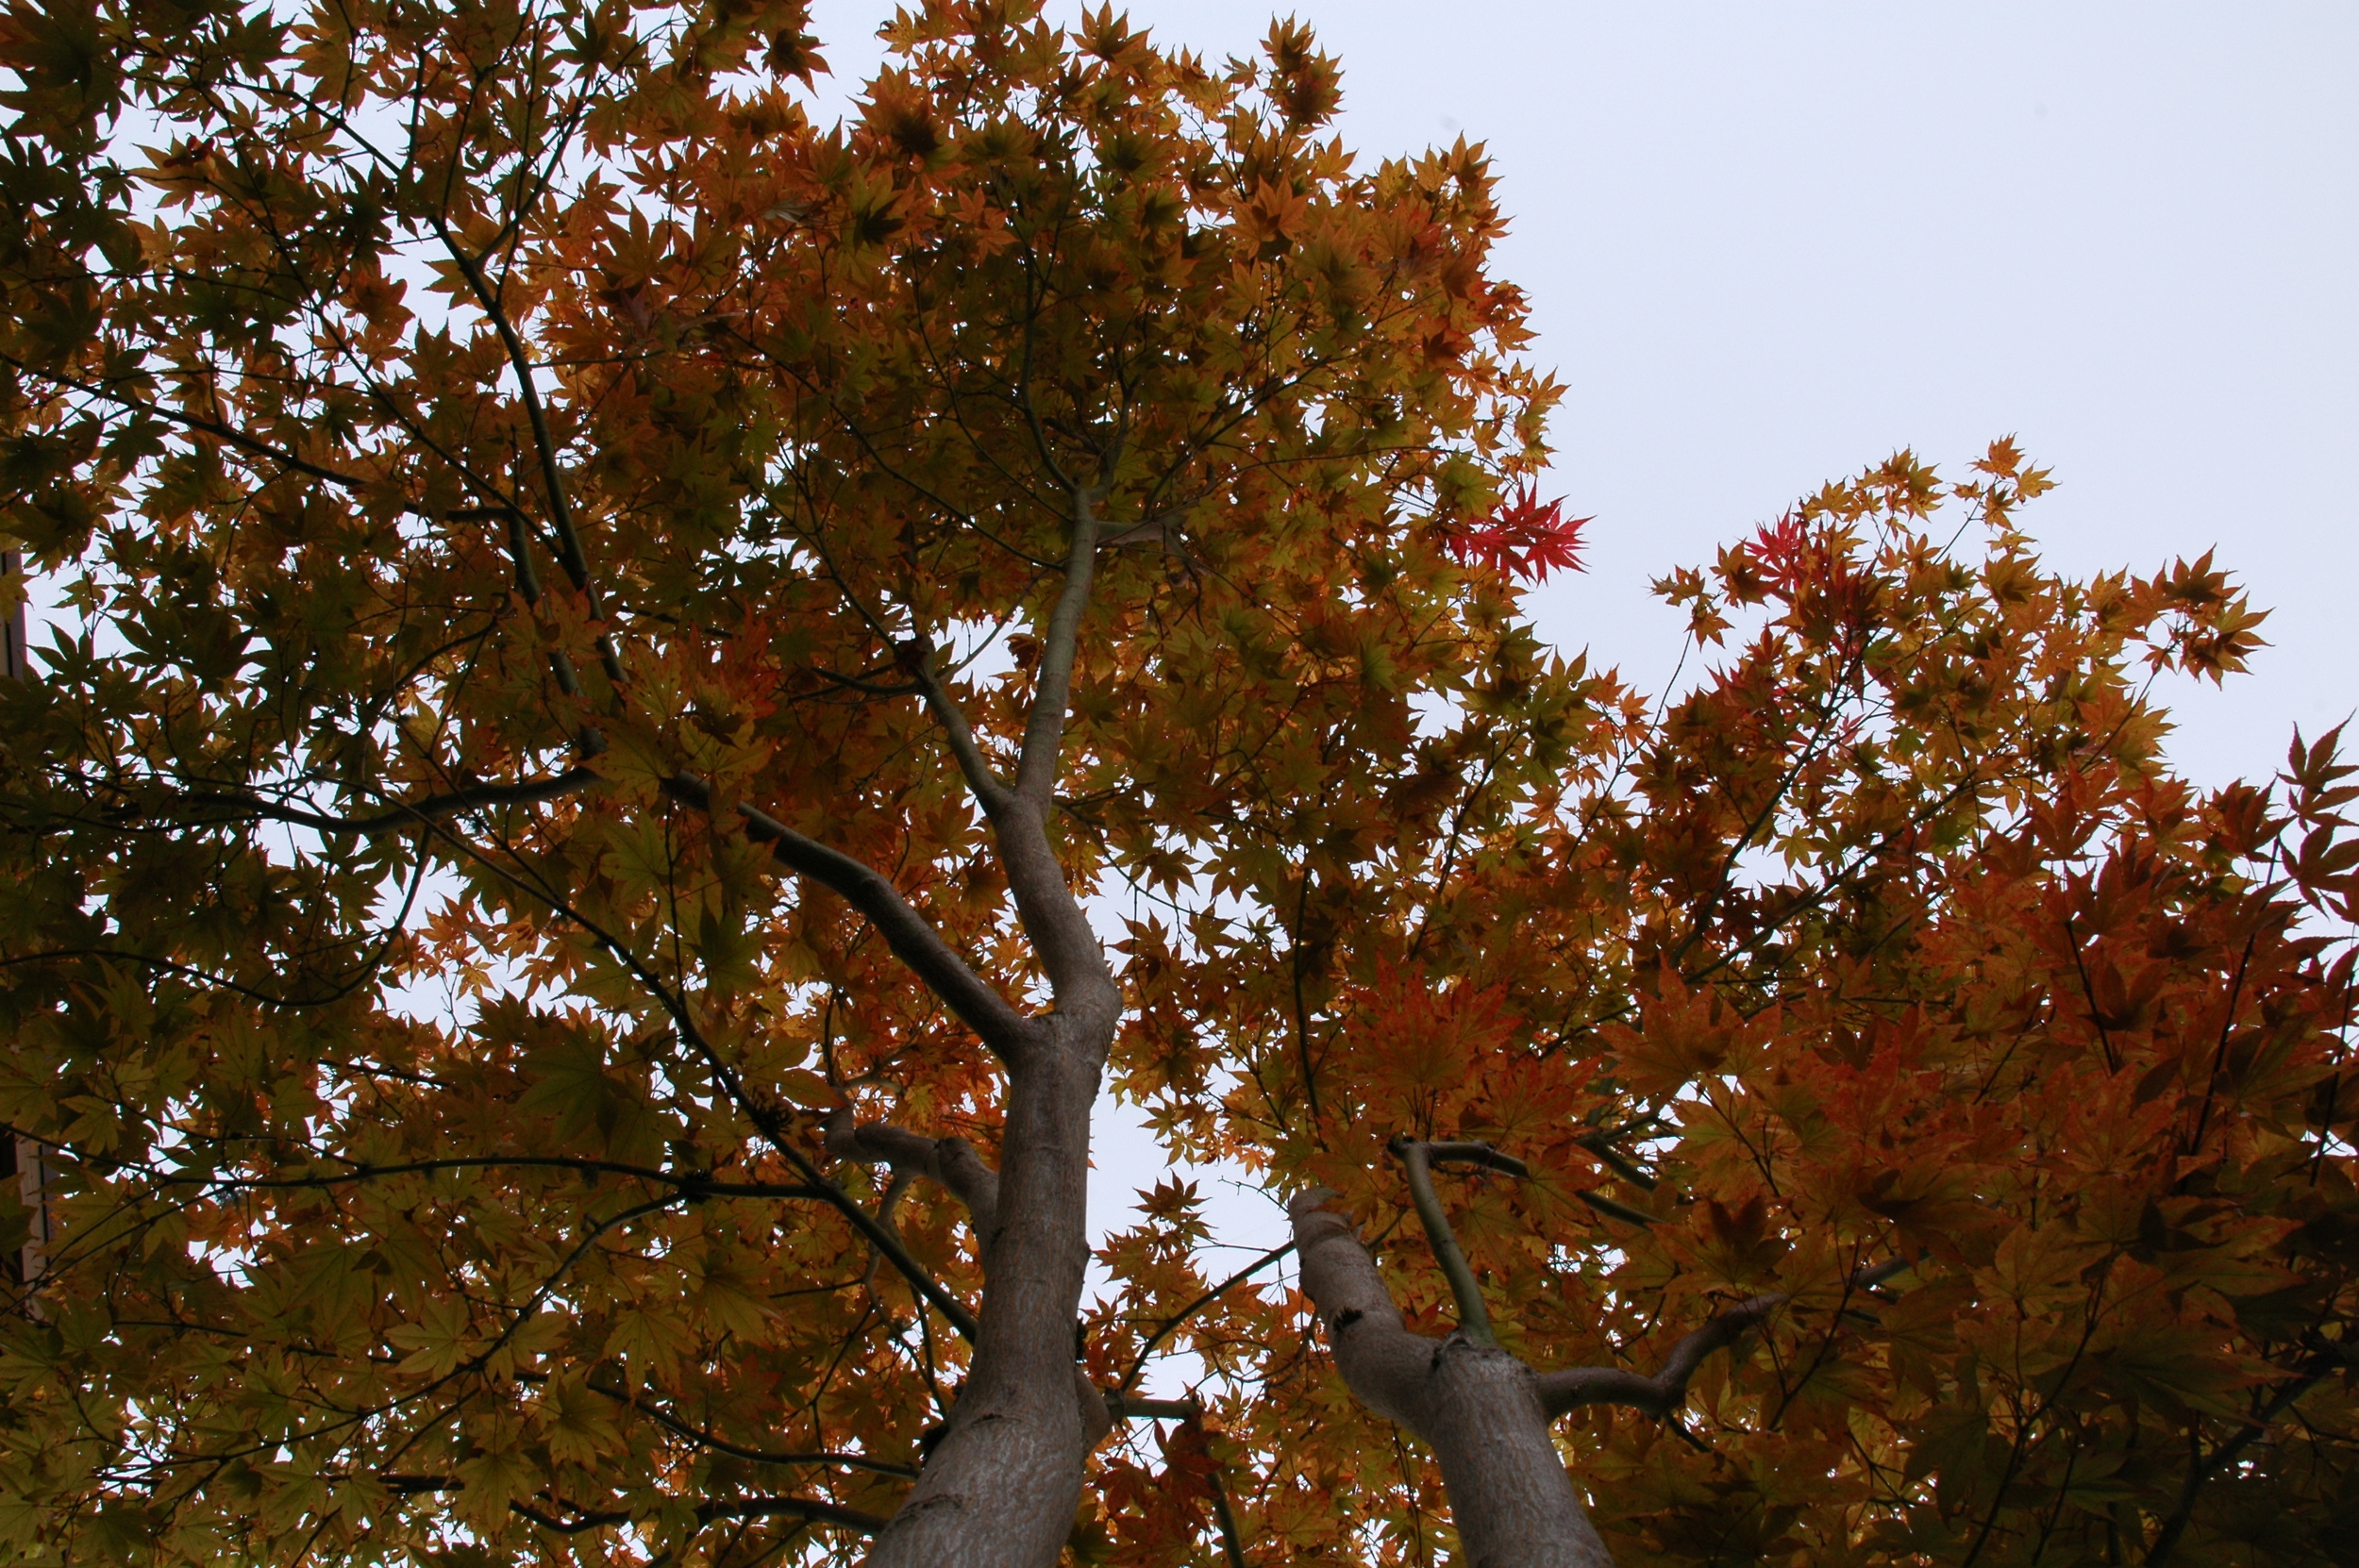 106_50_CL_tree.JPG